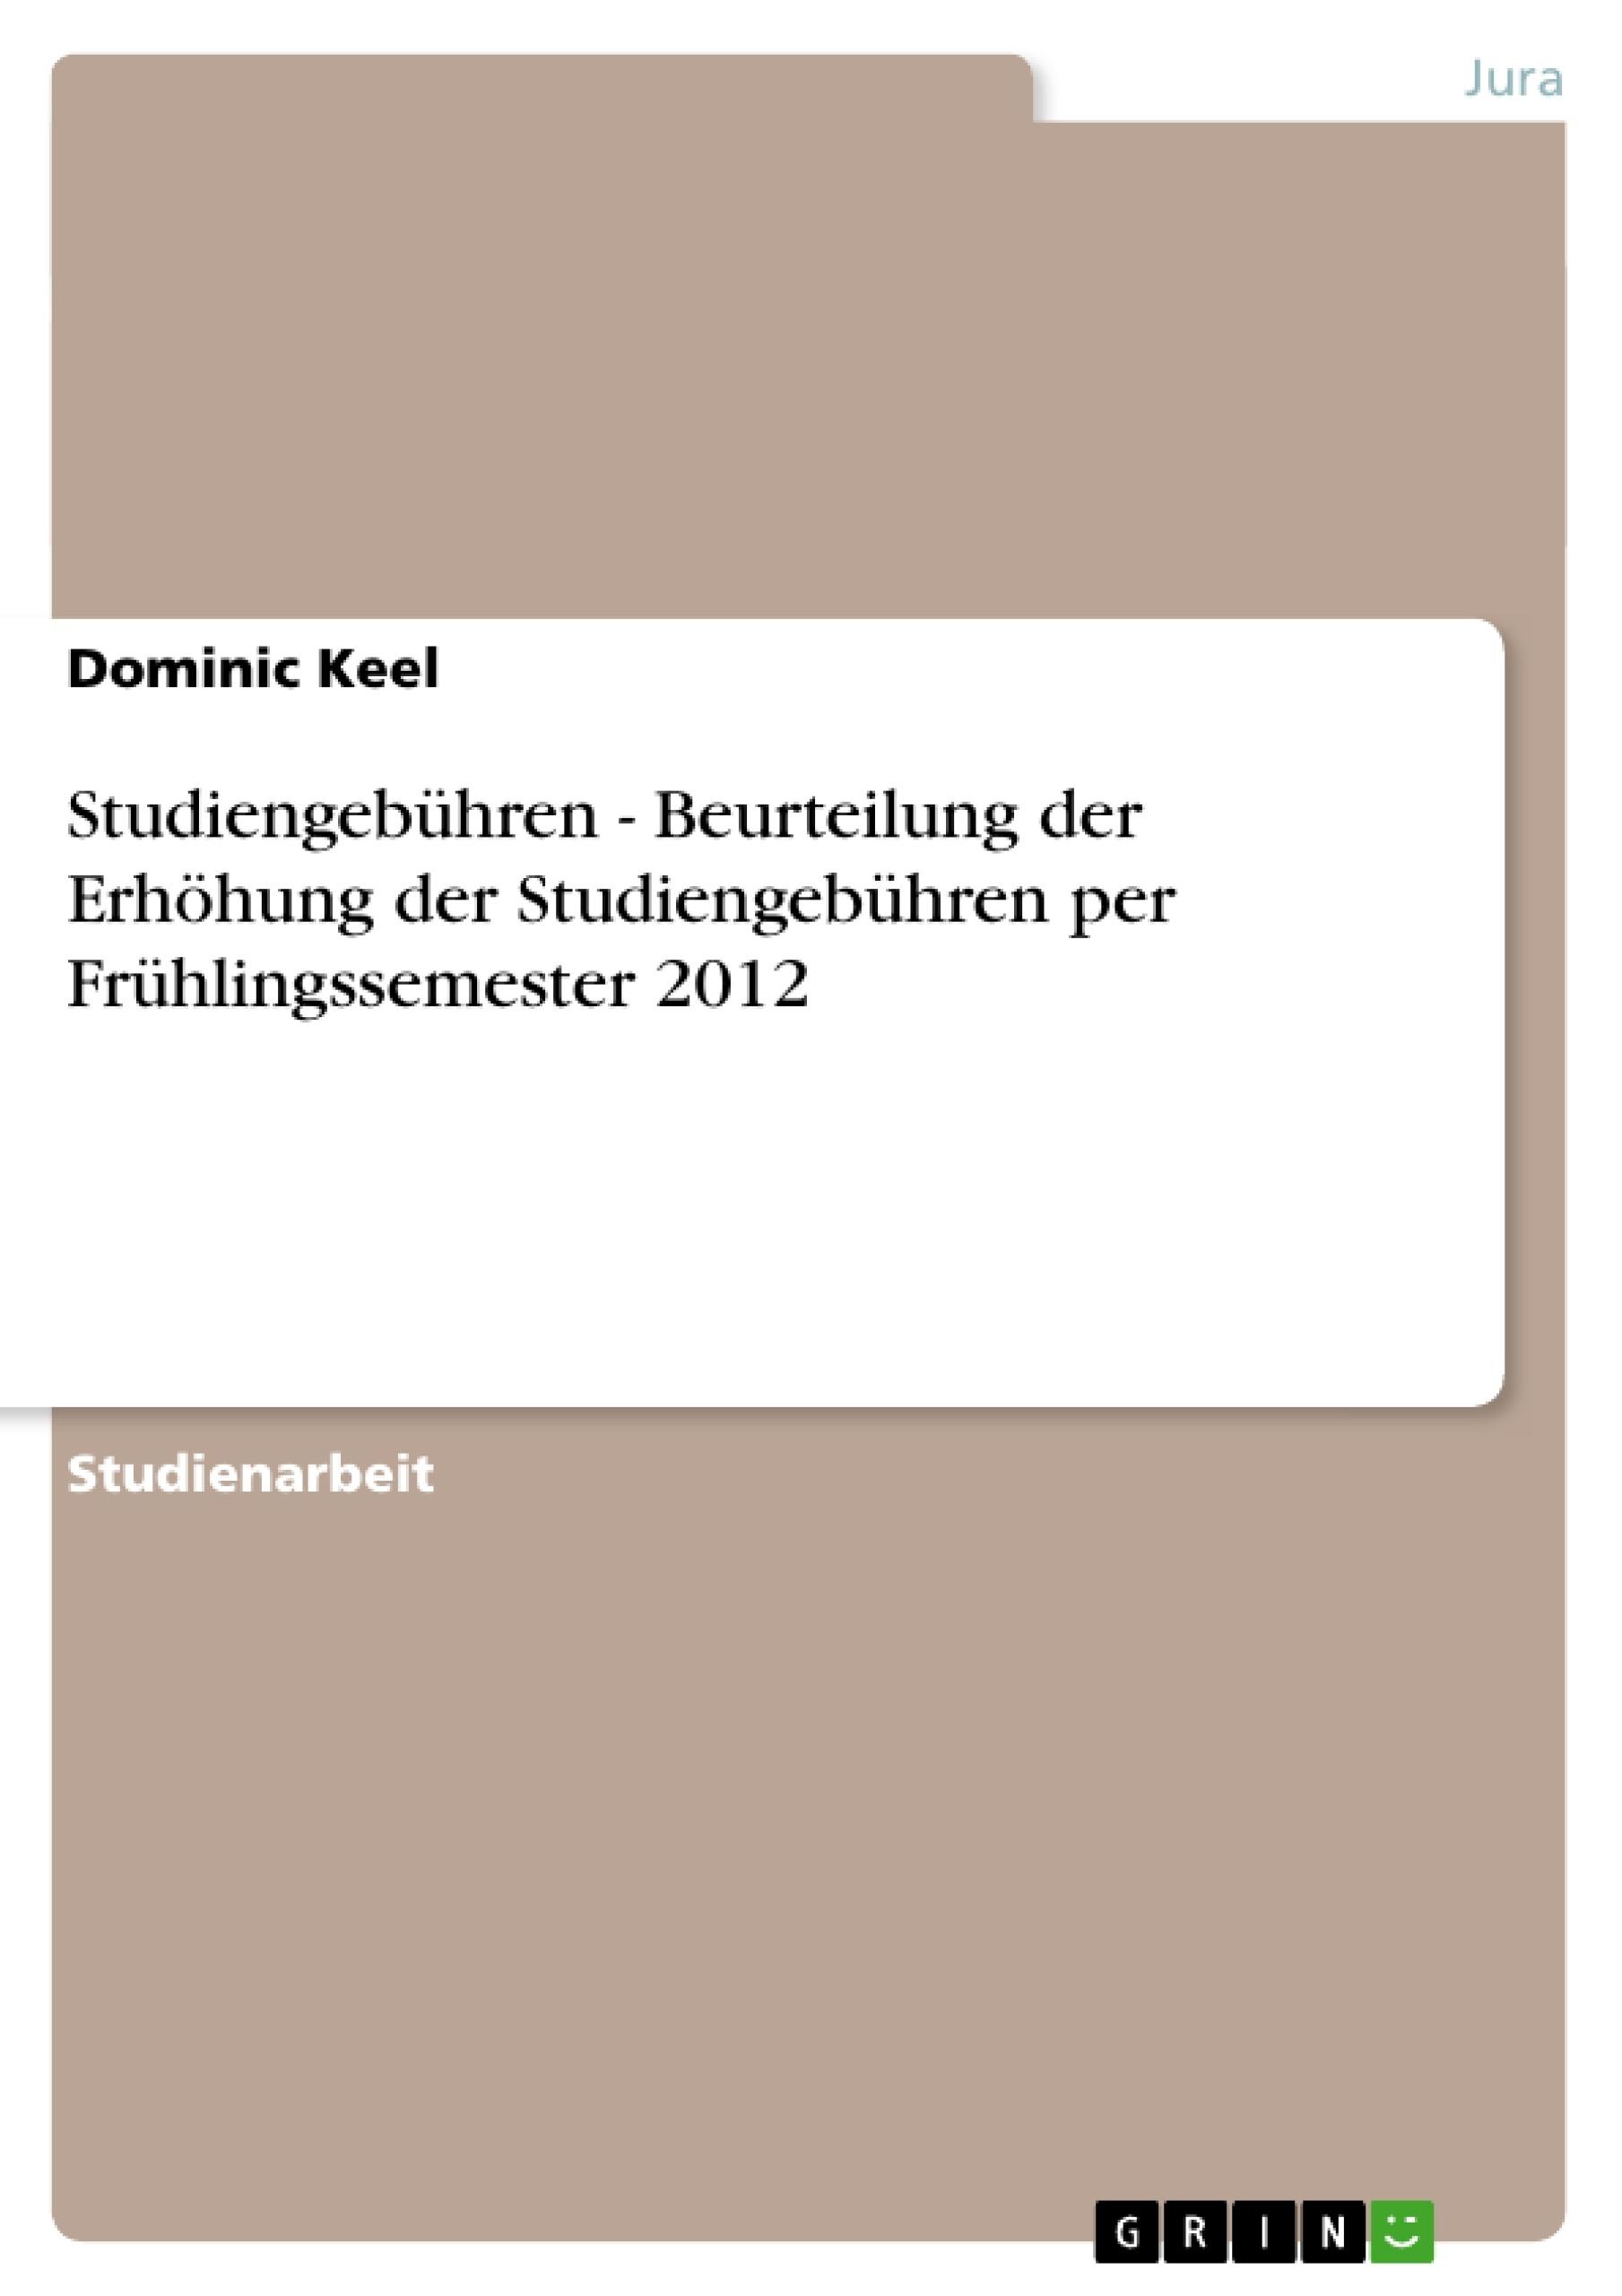 Titel: Studiengebühren - Beurteilung der Erhöhung der Studiengebühren per Frühlingssemester 2012